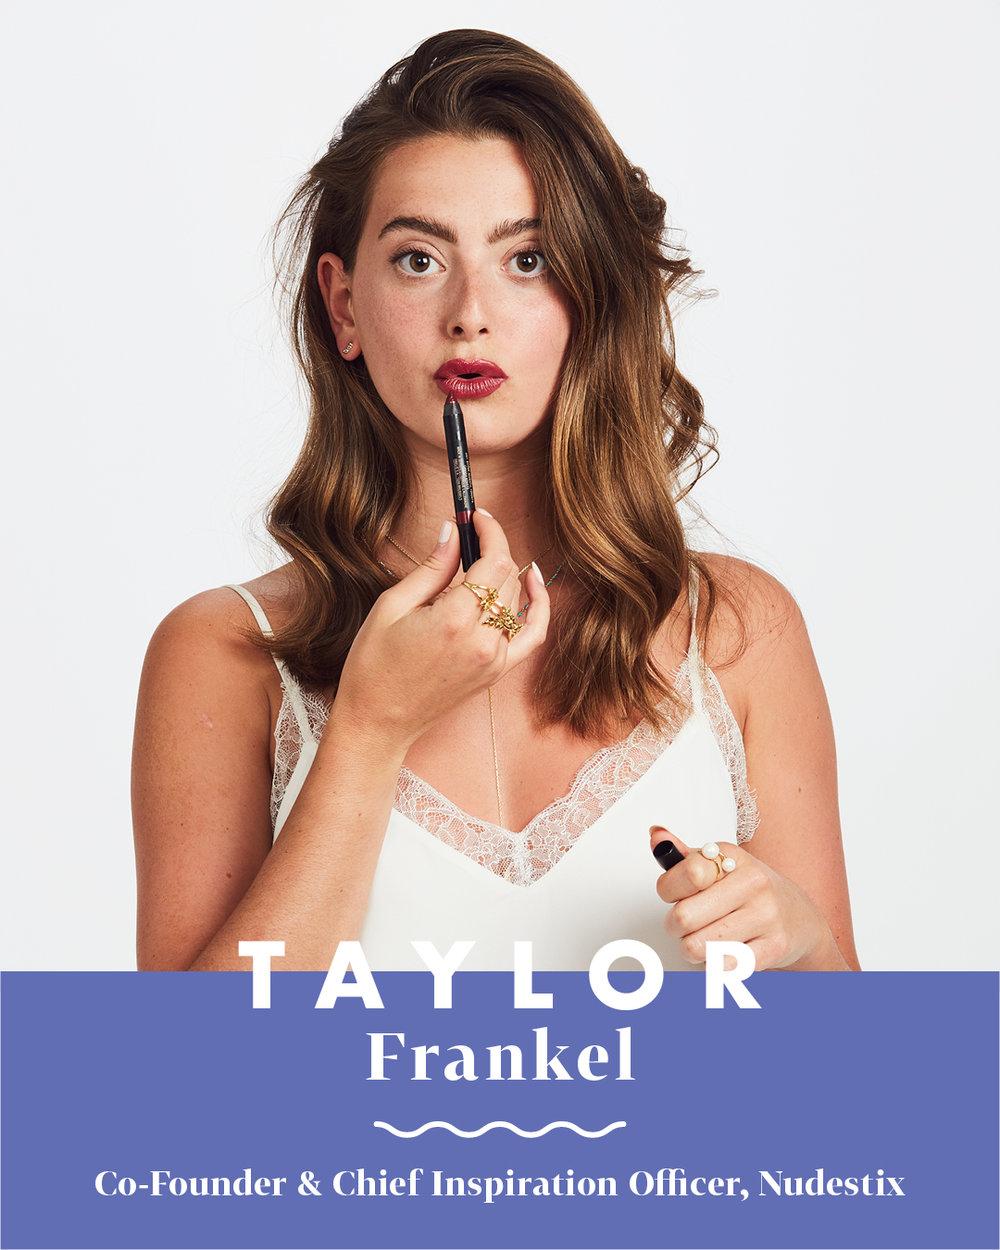 taylor-frankel.jpg